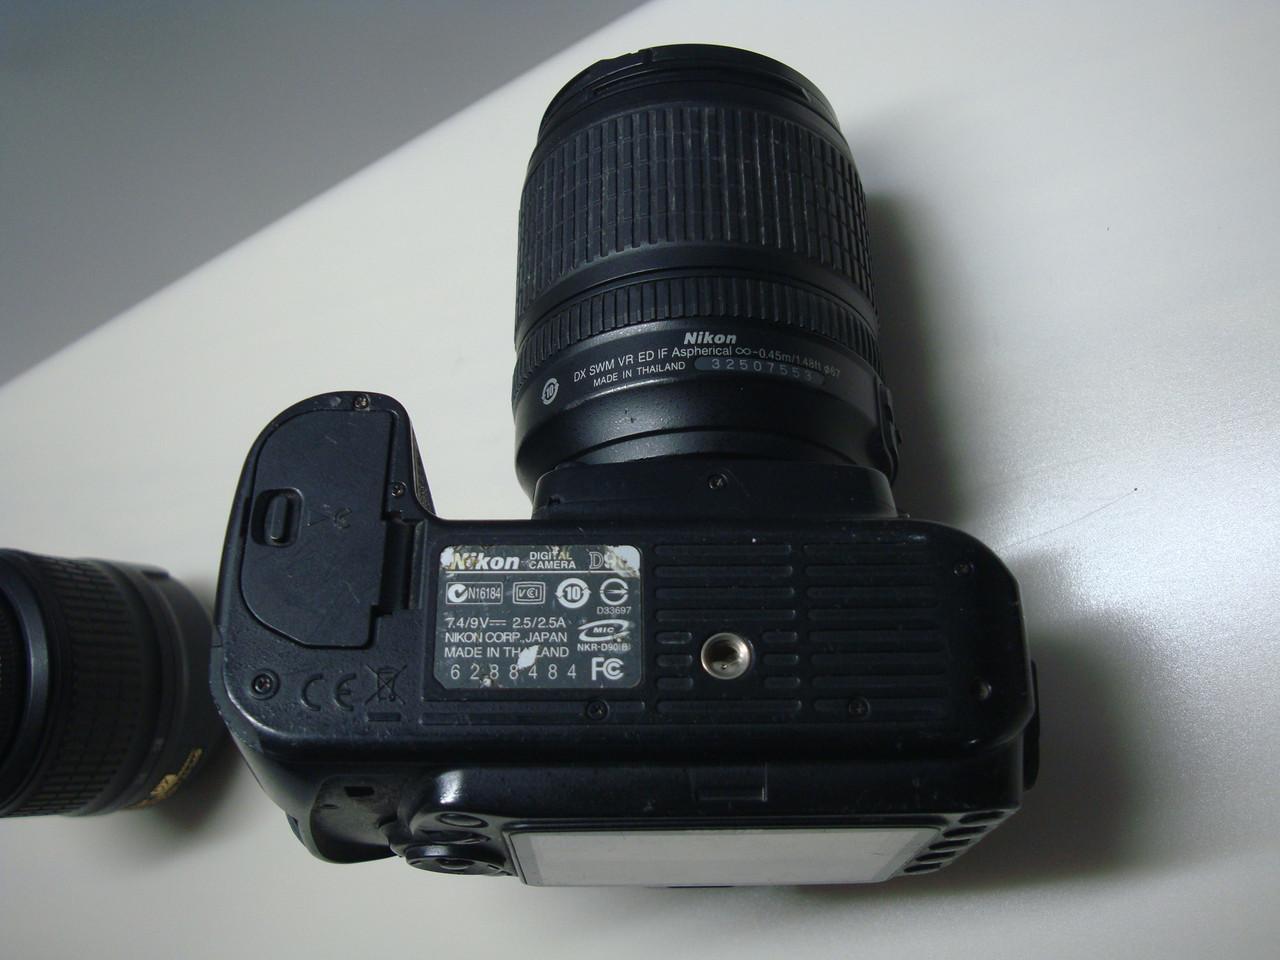 Цифровой зеркальный фотоапарат Nikon d90 + два обьектива